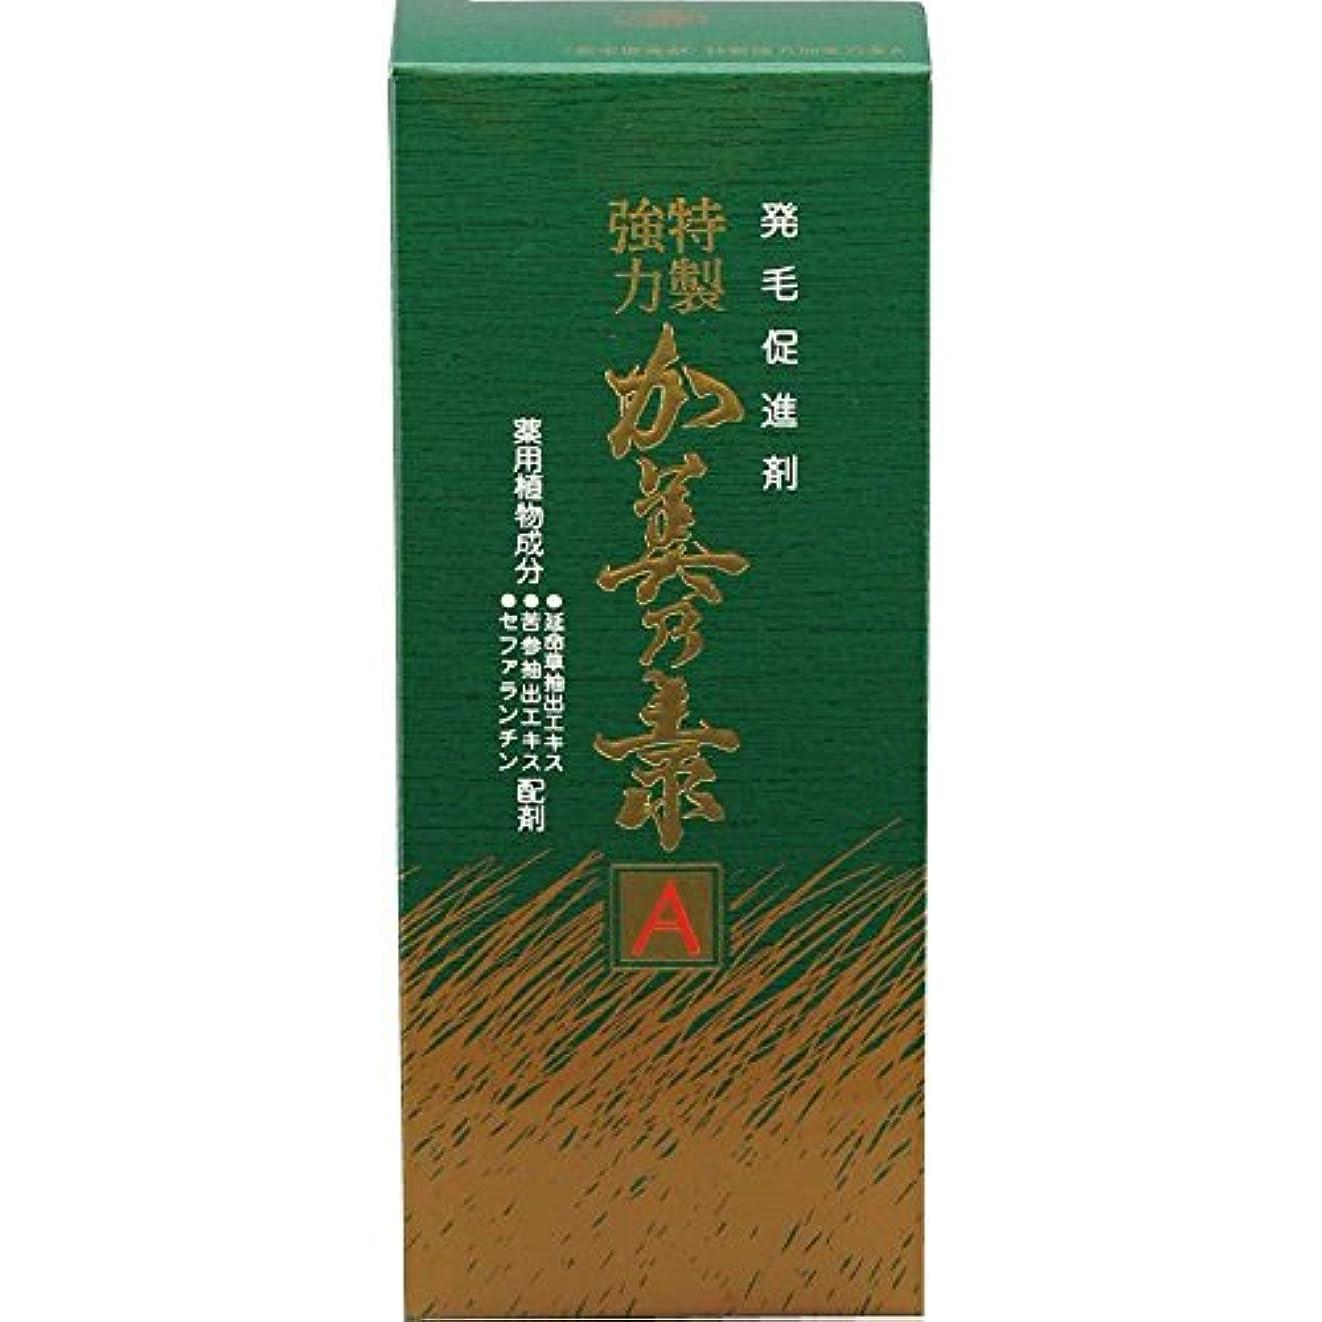 セイはさておき写真を描く企業特製強力加美乃素A フレッシュシトラスの香り 180mL×6個